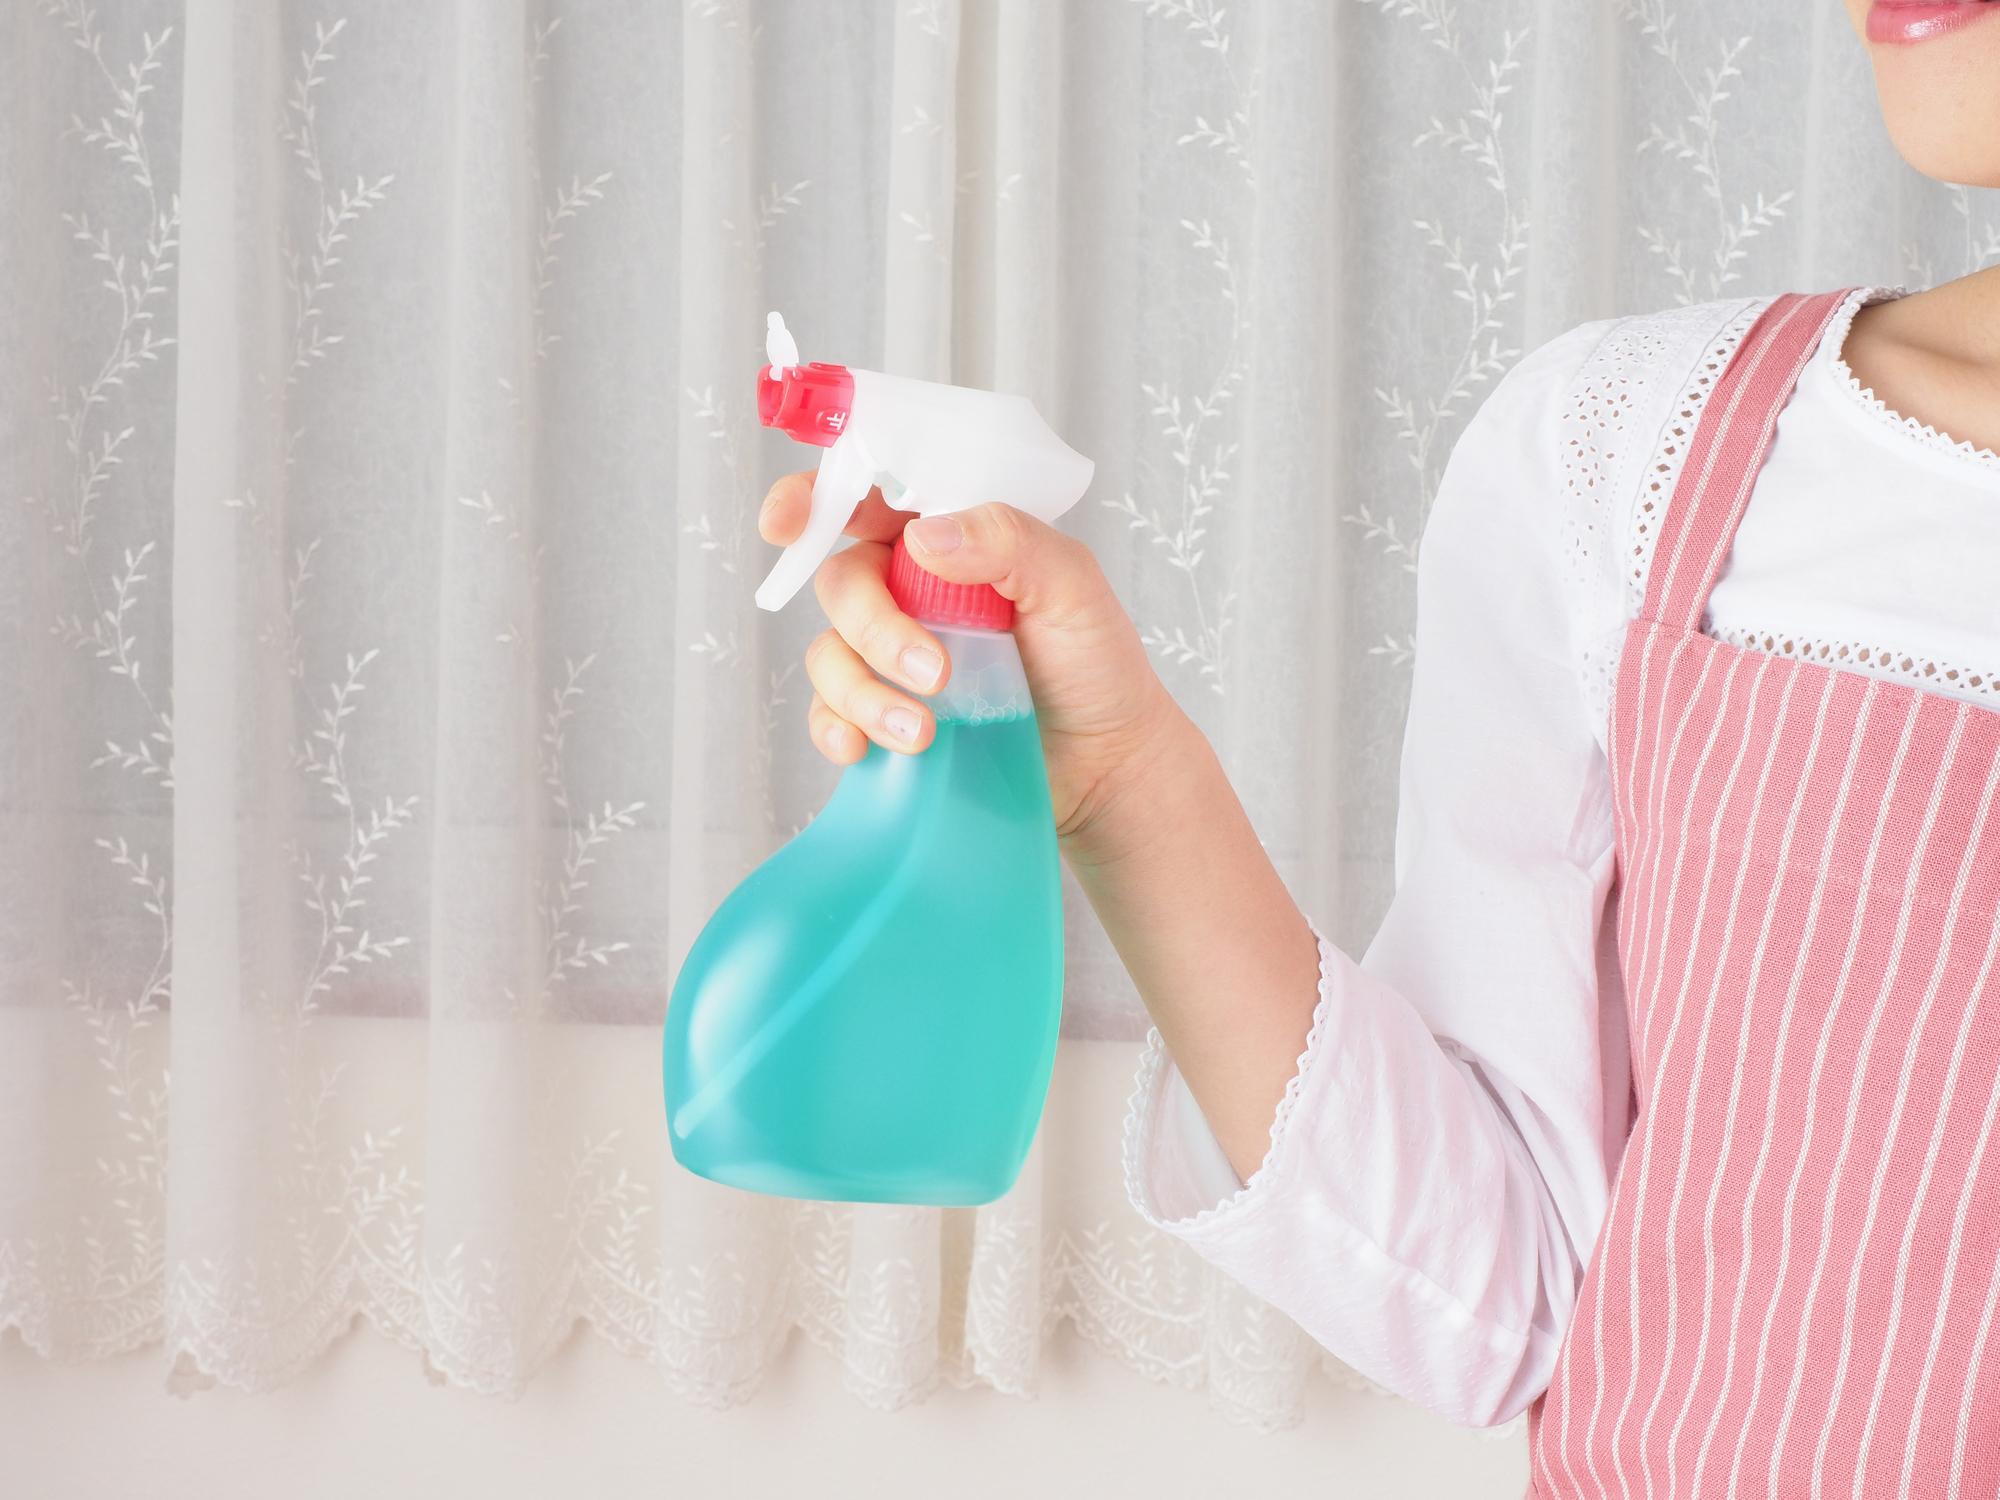 年末の大掃除に活用できるカーテンの掃除方法とは